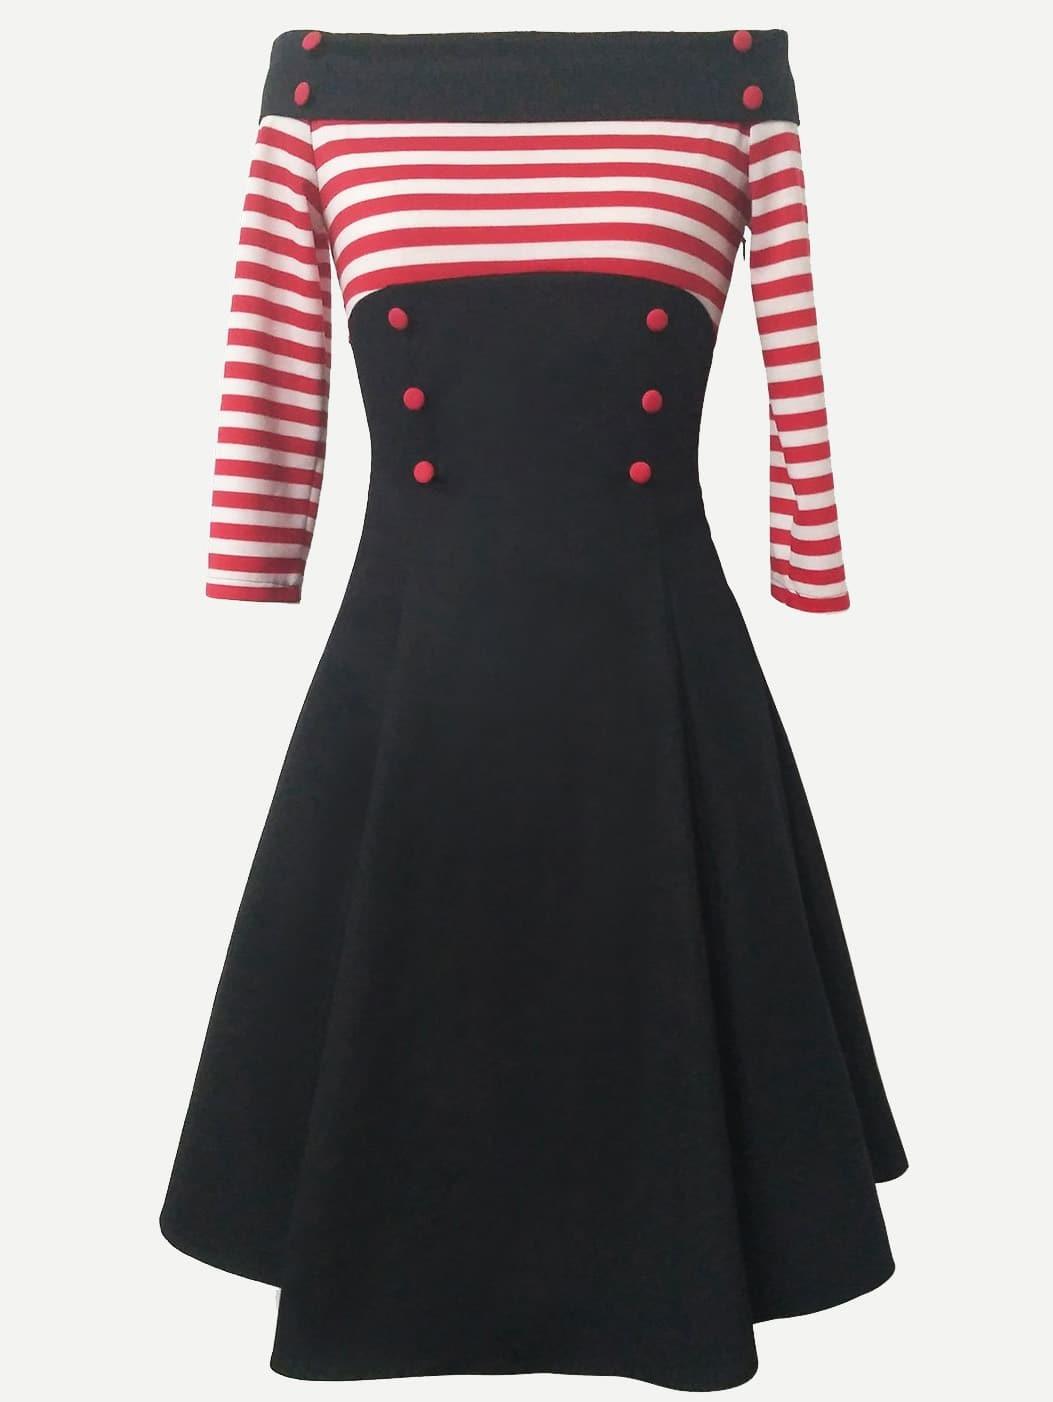 Купить Платье без бретелек и с украшением пуговицы и со симметрическими полосами, null, SheIn